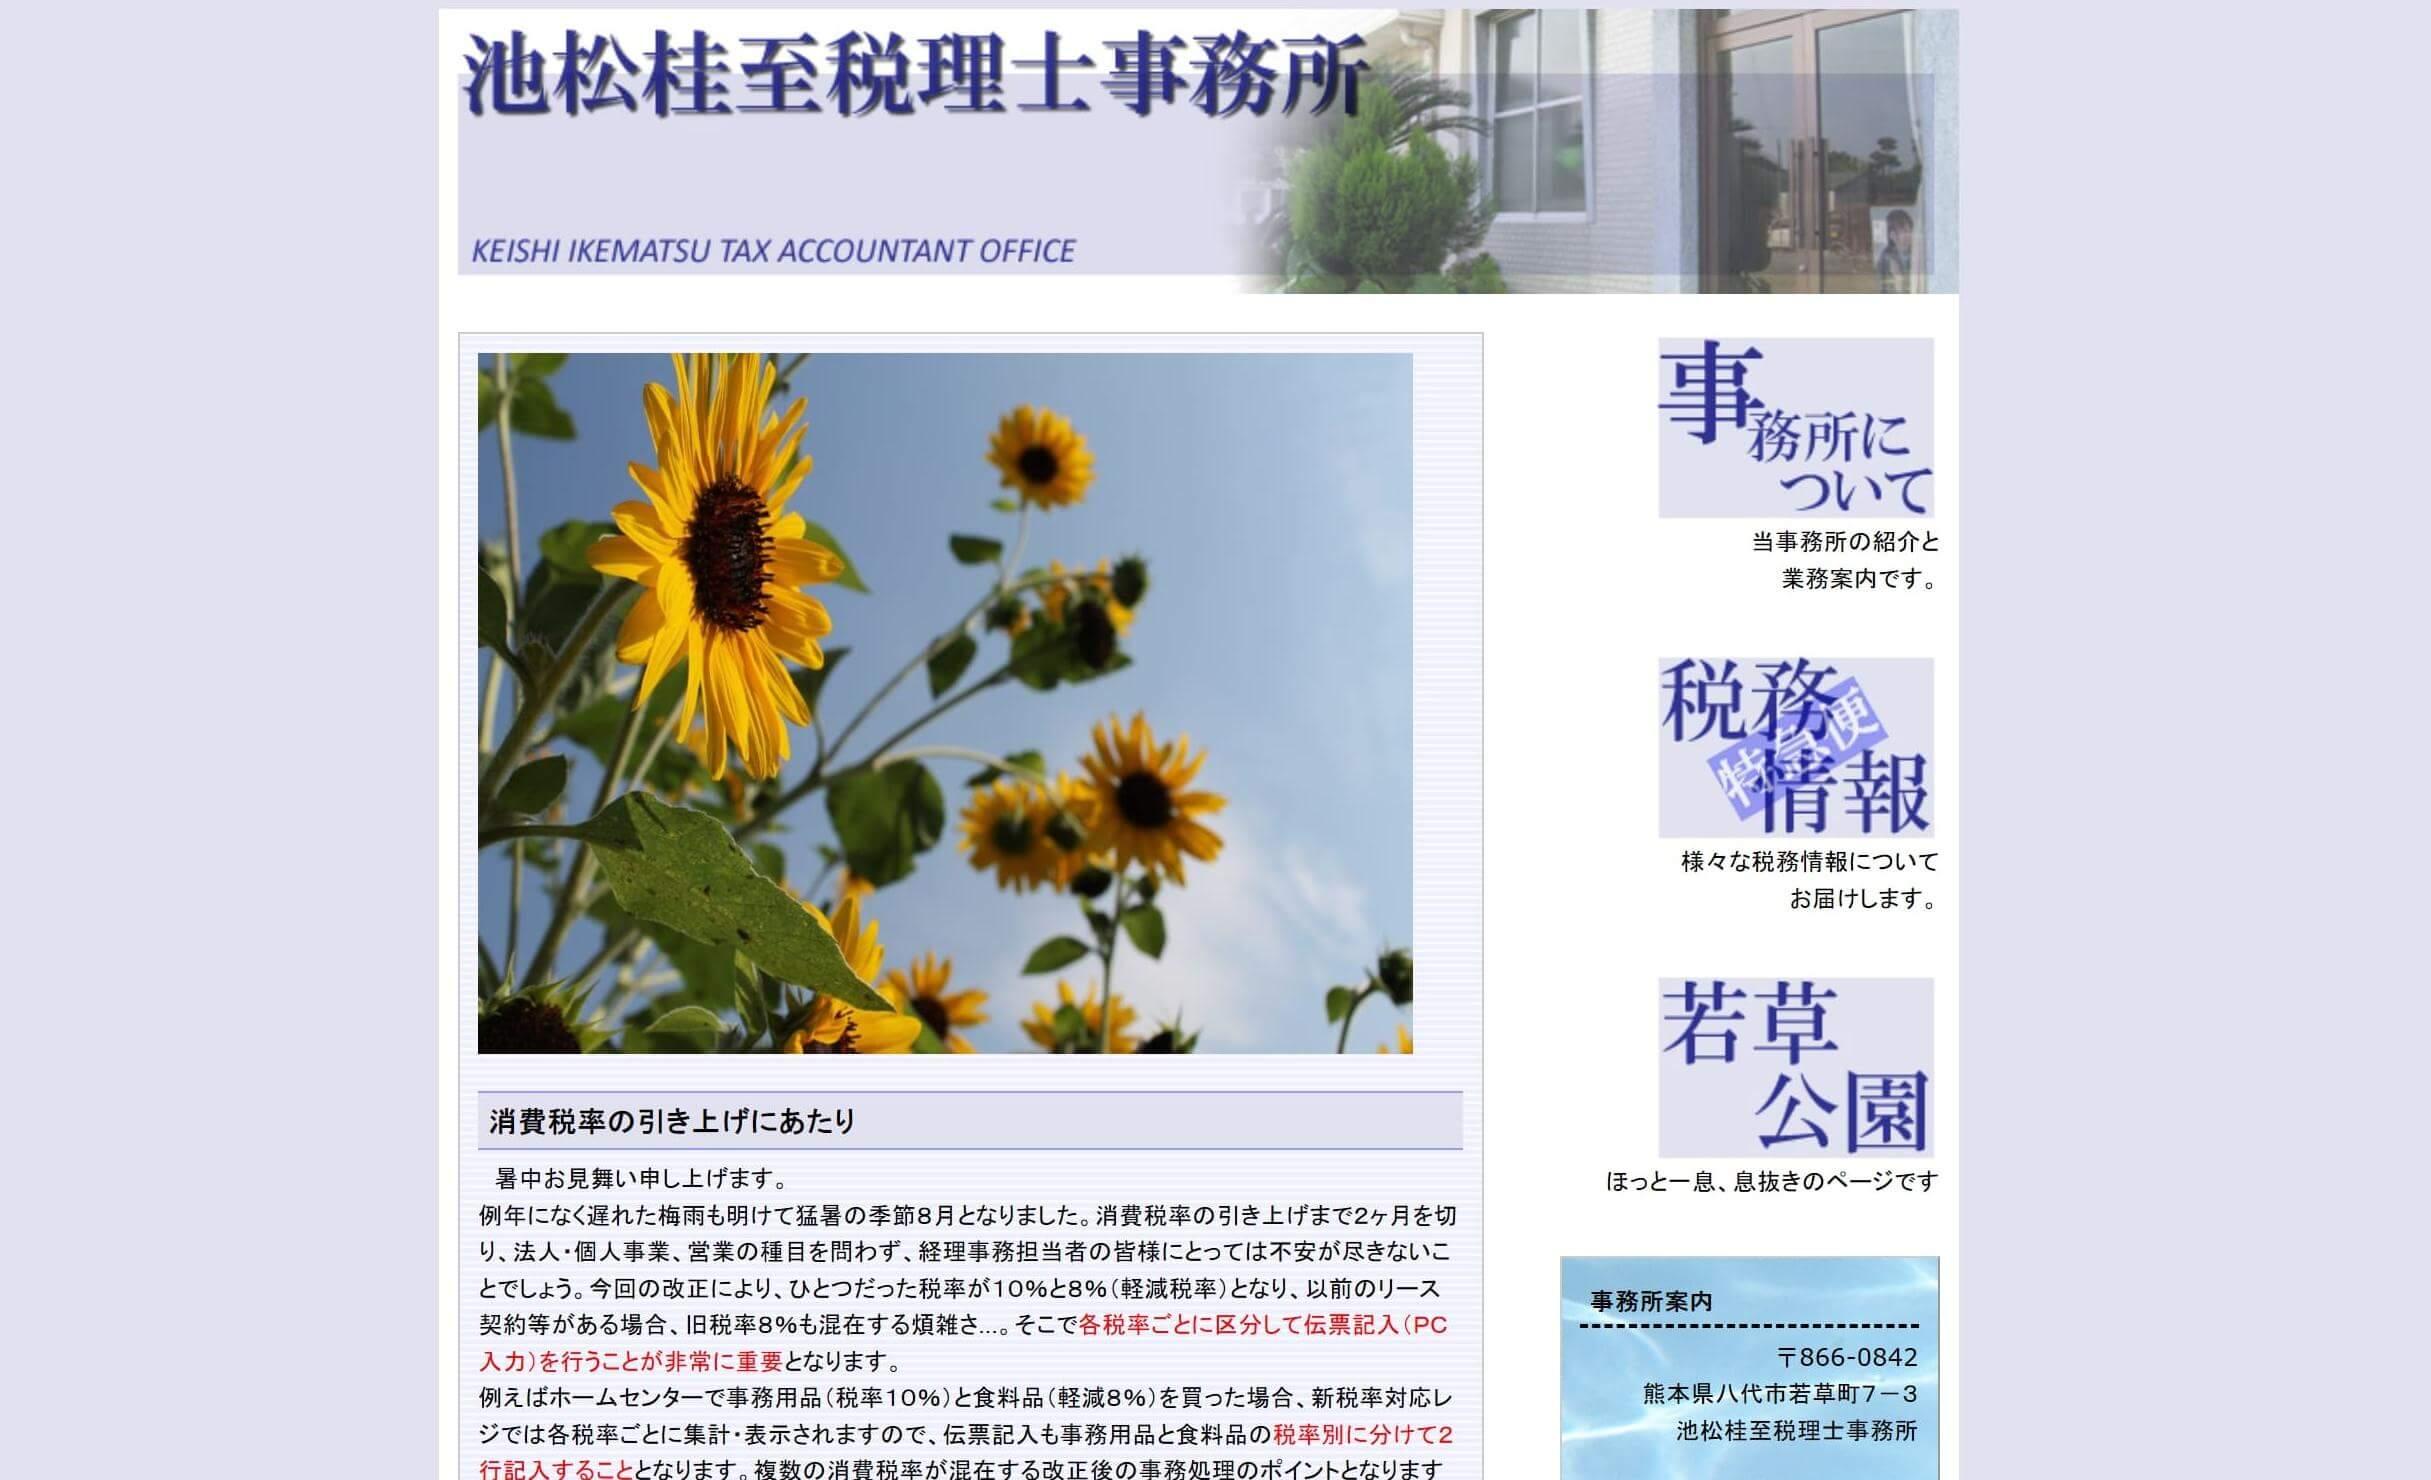 池松桂至税理士事務所